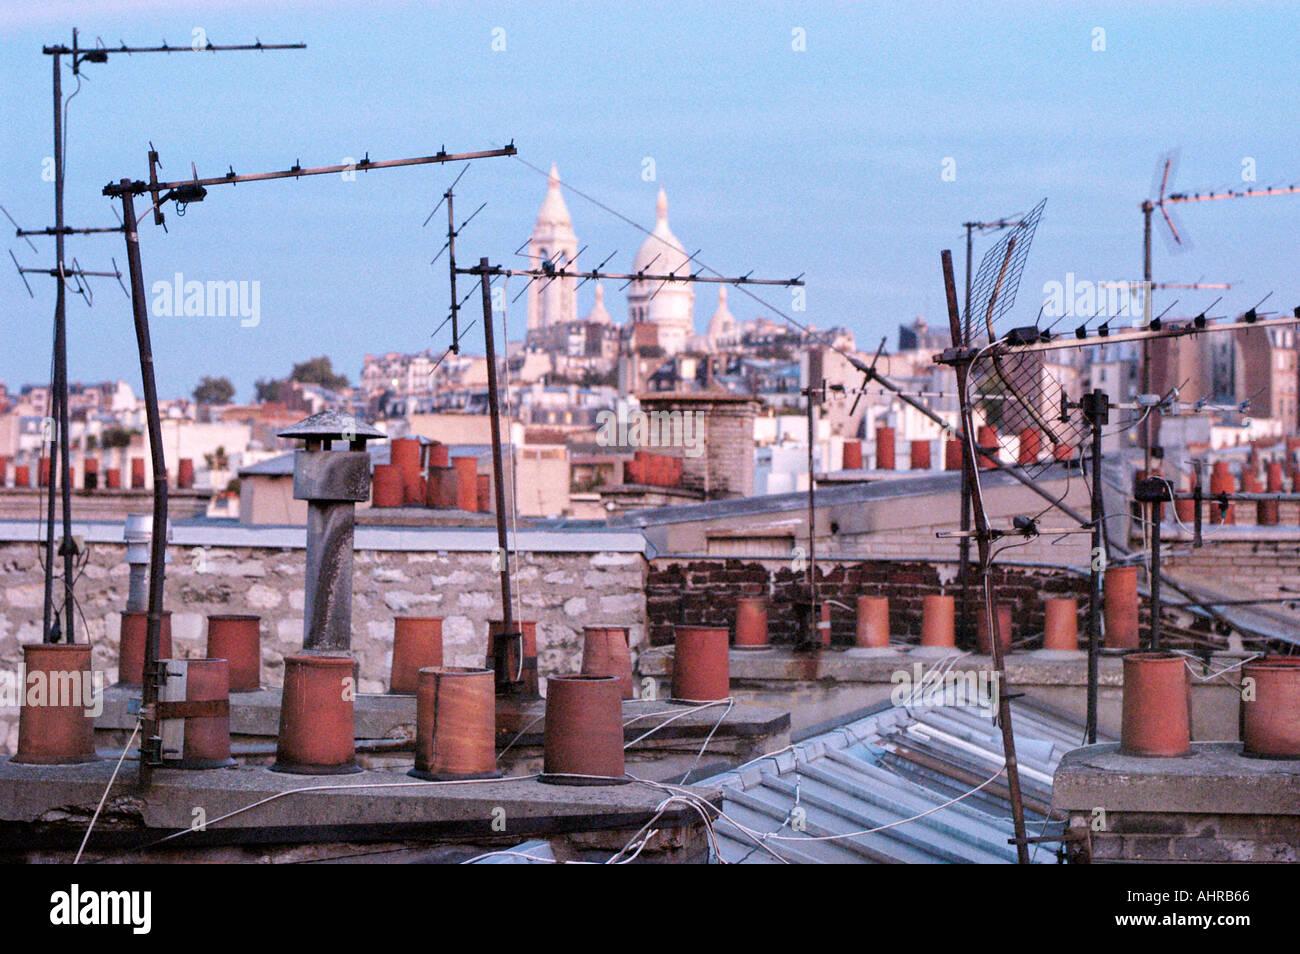 """PARIS Frankreich, Überblick über die Stadt von Montmartre, mit Blick auf """"Sacre Coeur"""" Kirche, mit Dachterrasse TV Antennen Technologie Stadtbild Stockbild"""